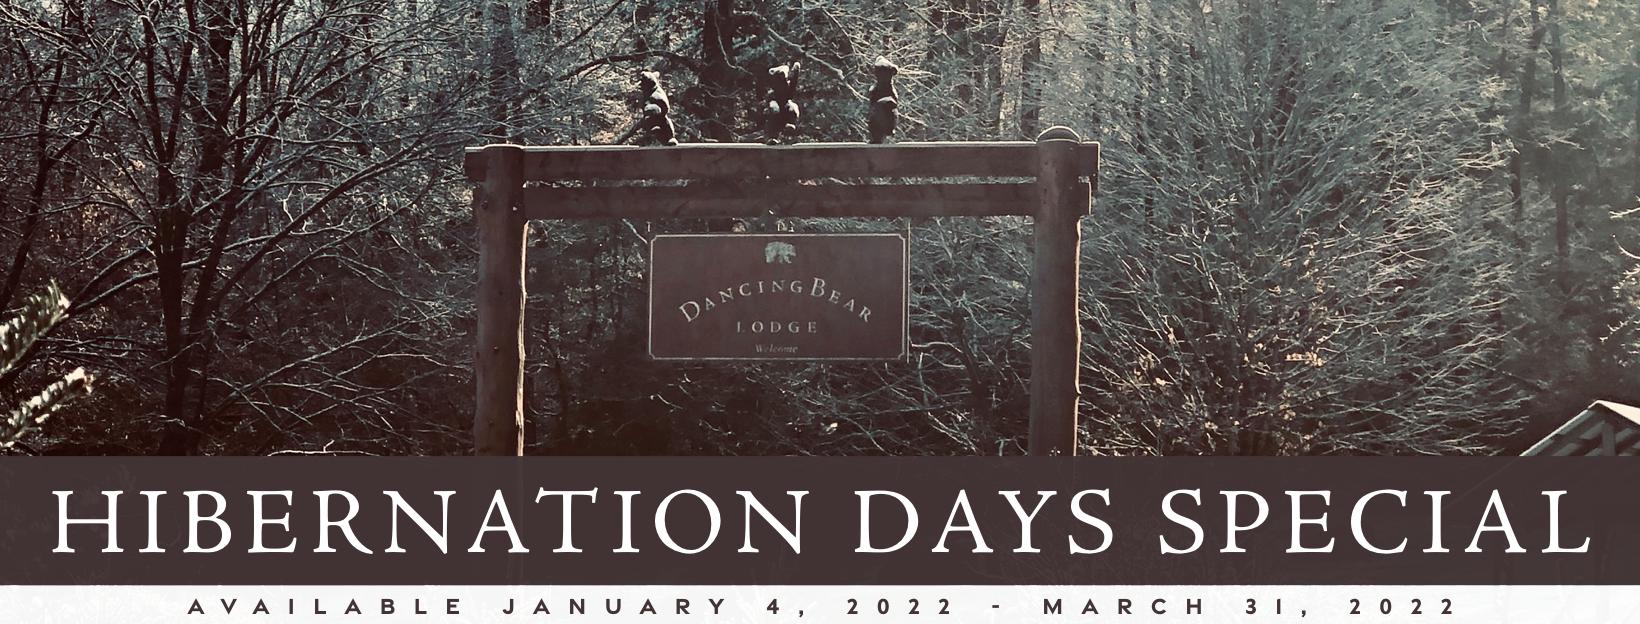 Hibernation Days Header